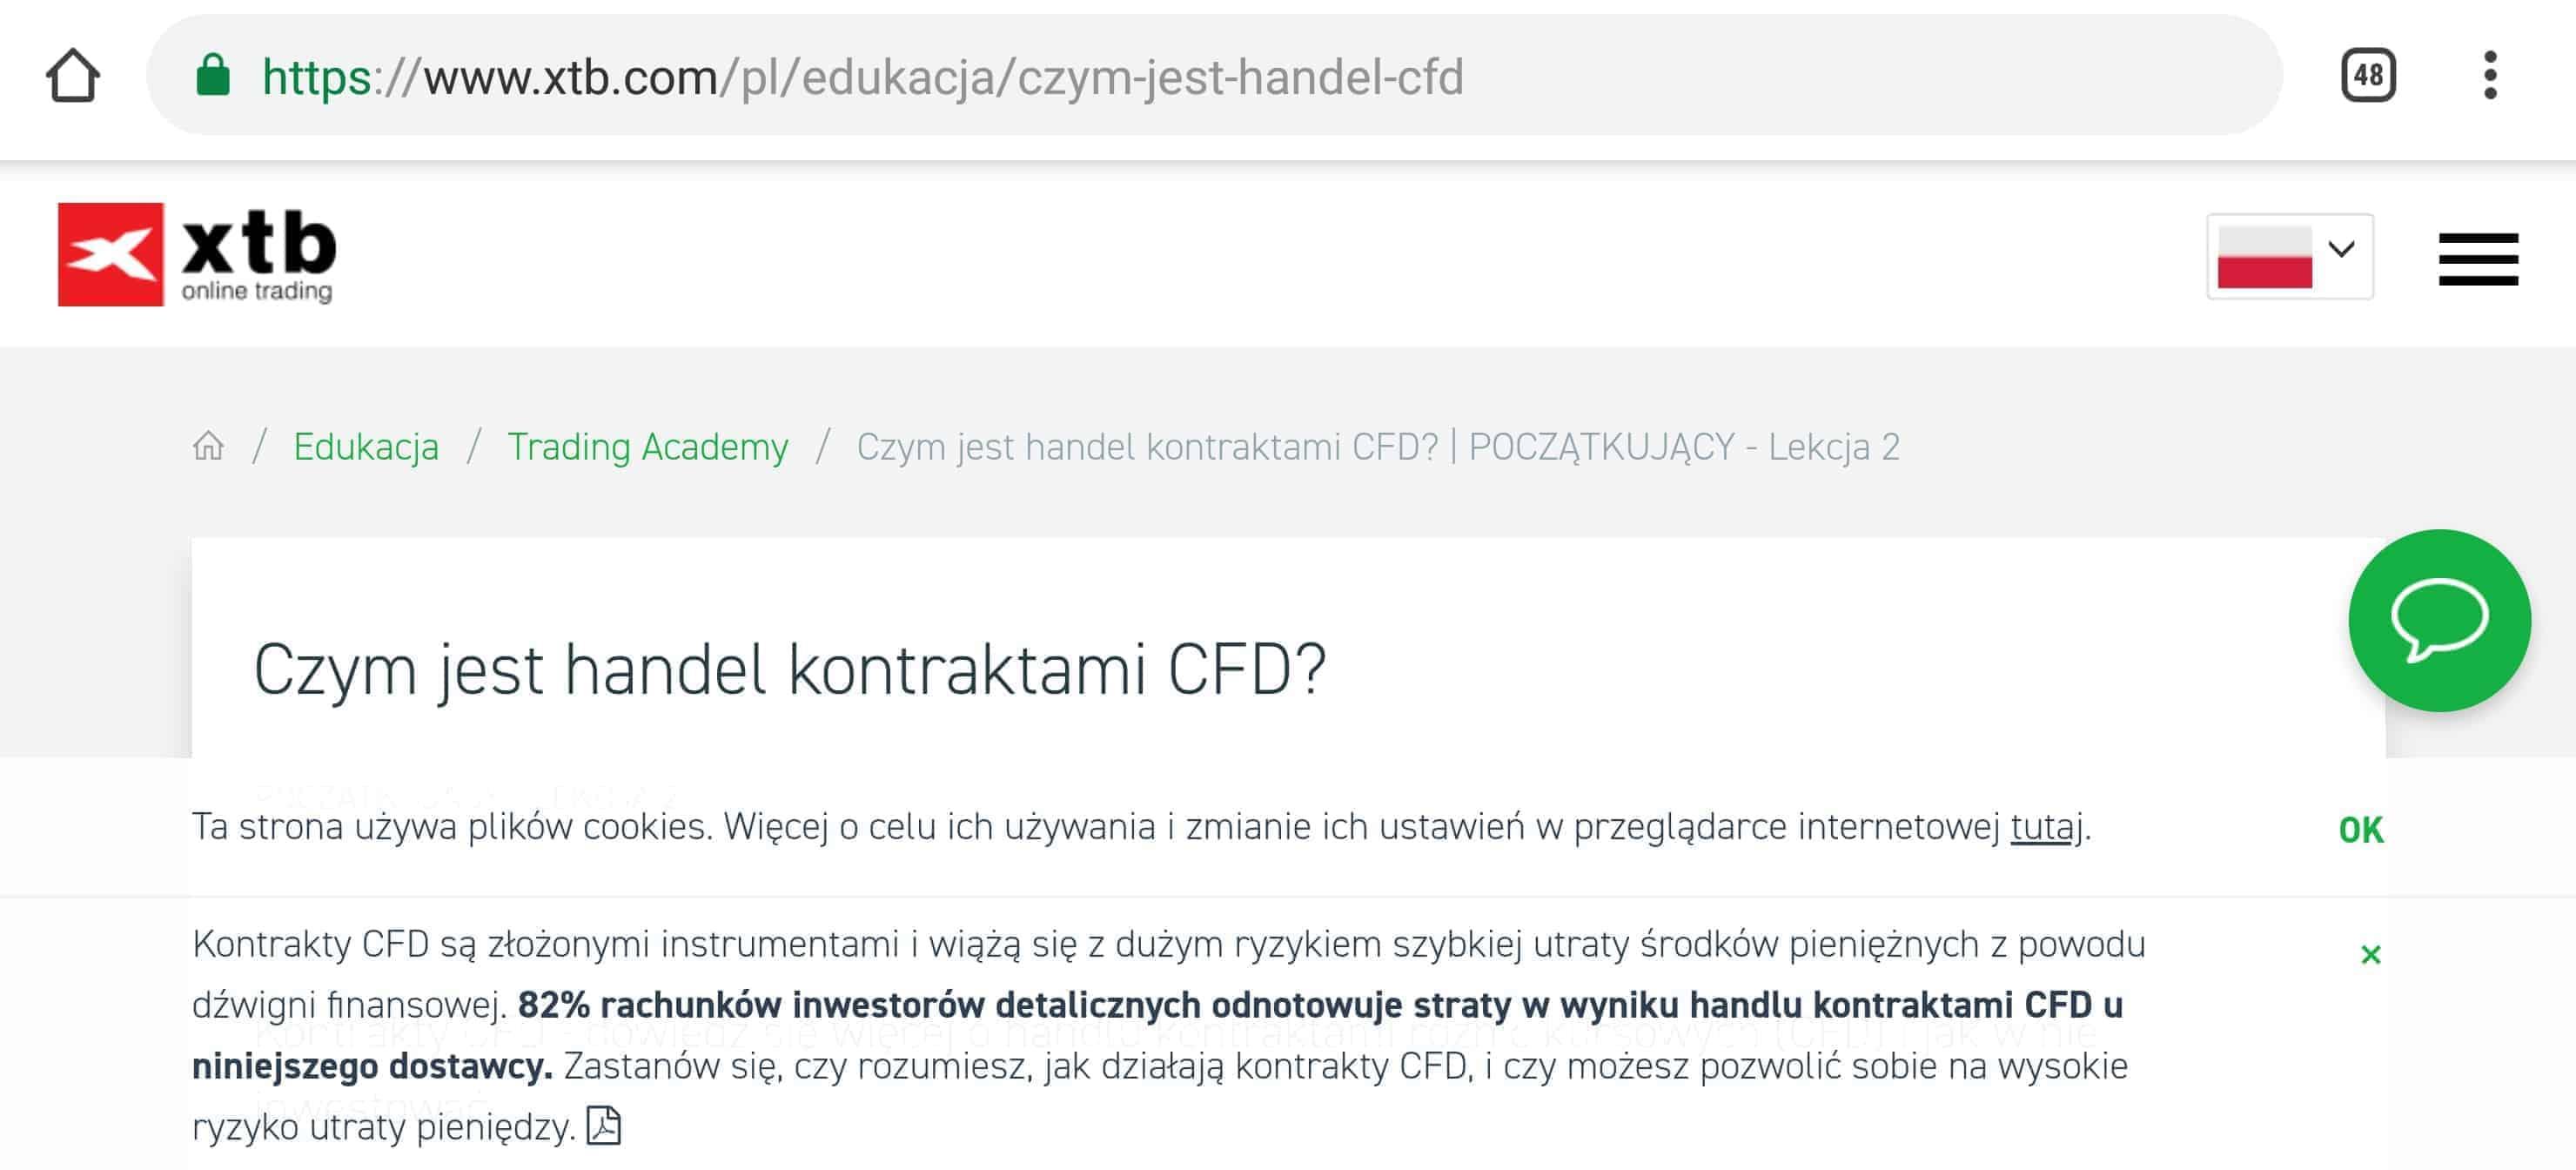 Czym jest handel kontraktami CFD? - Strona XTB